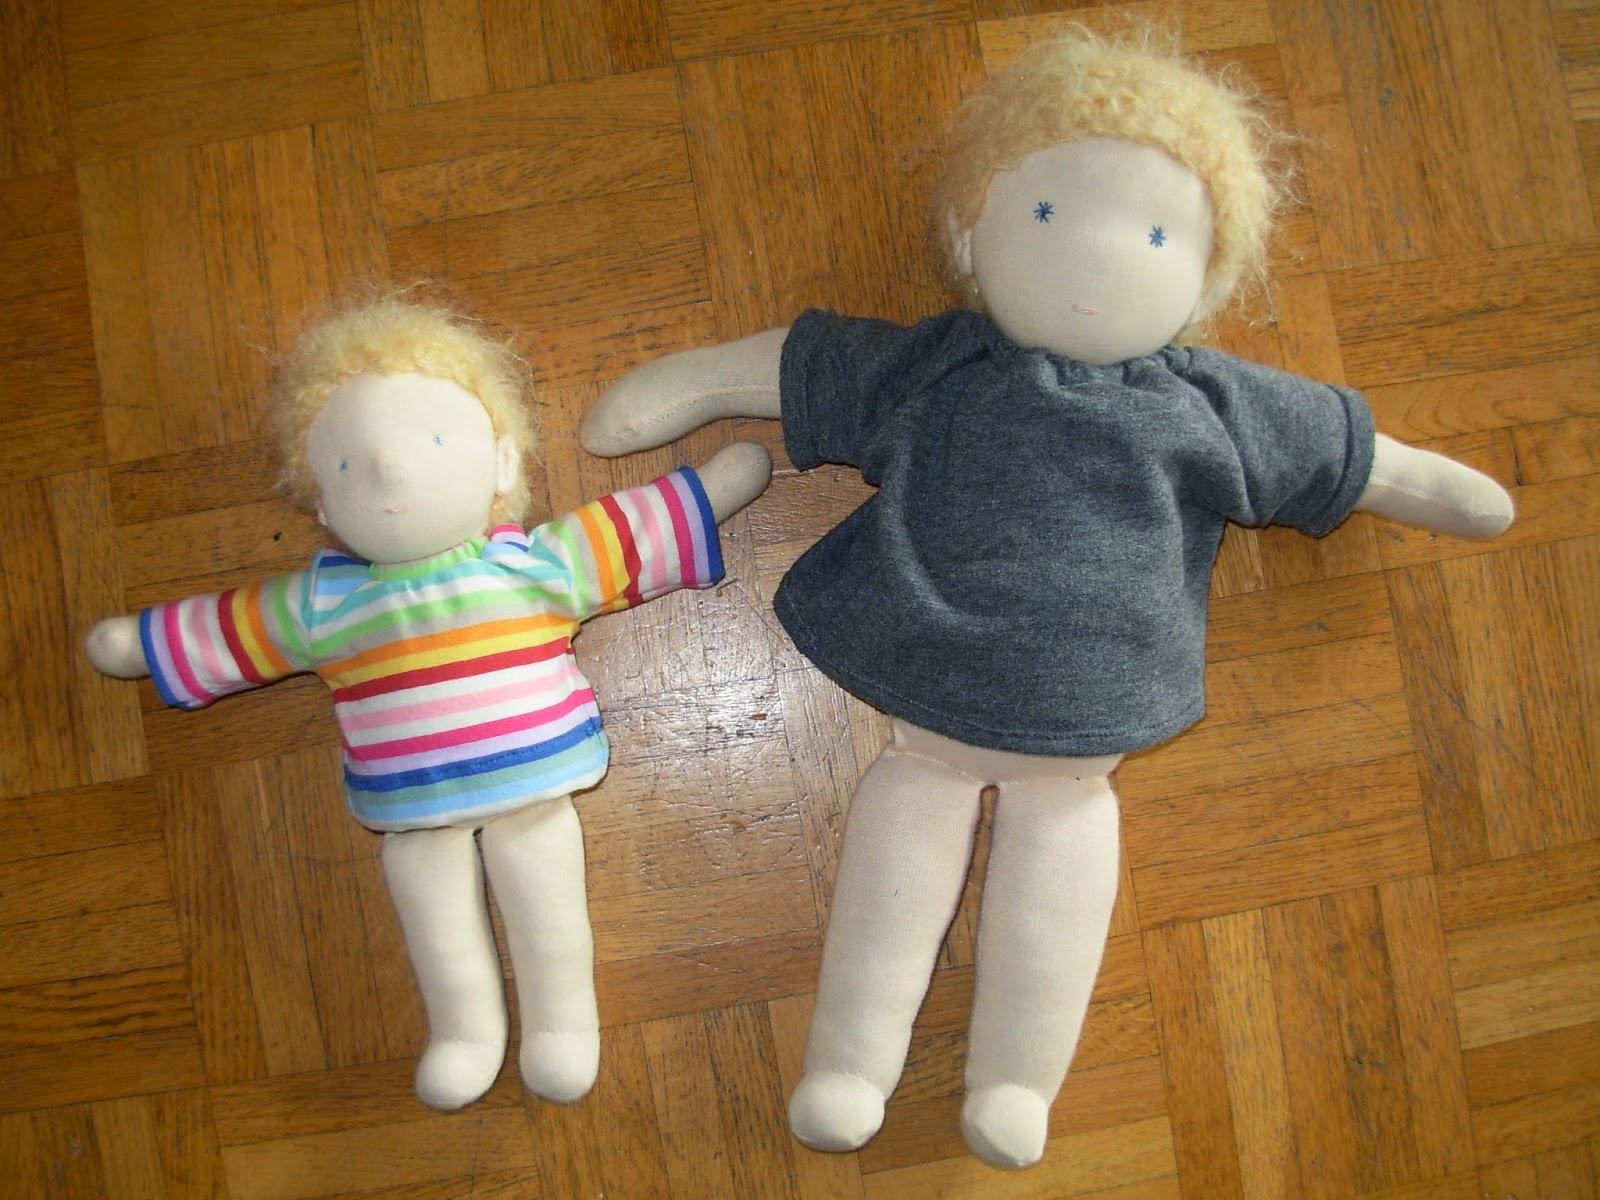 selbst gemachte Puppen für Kinder